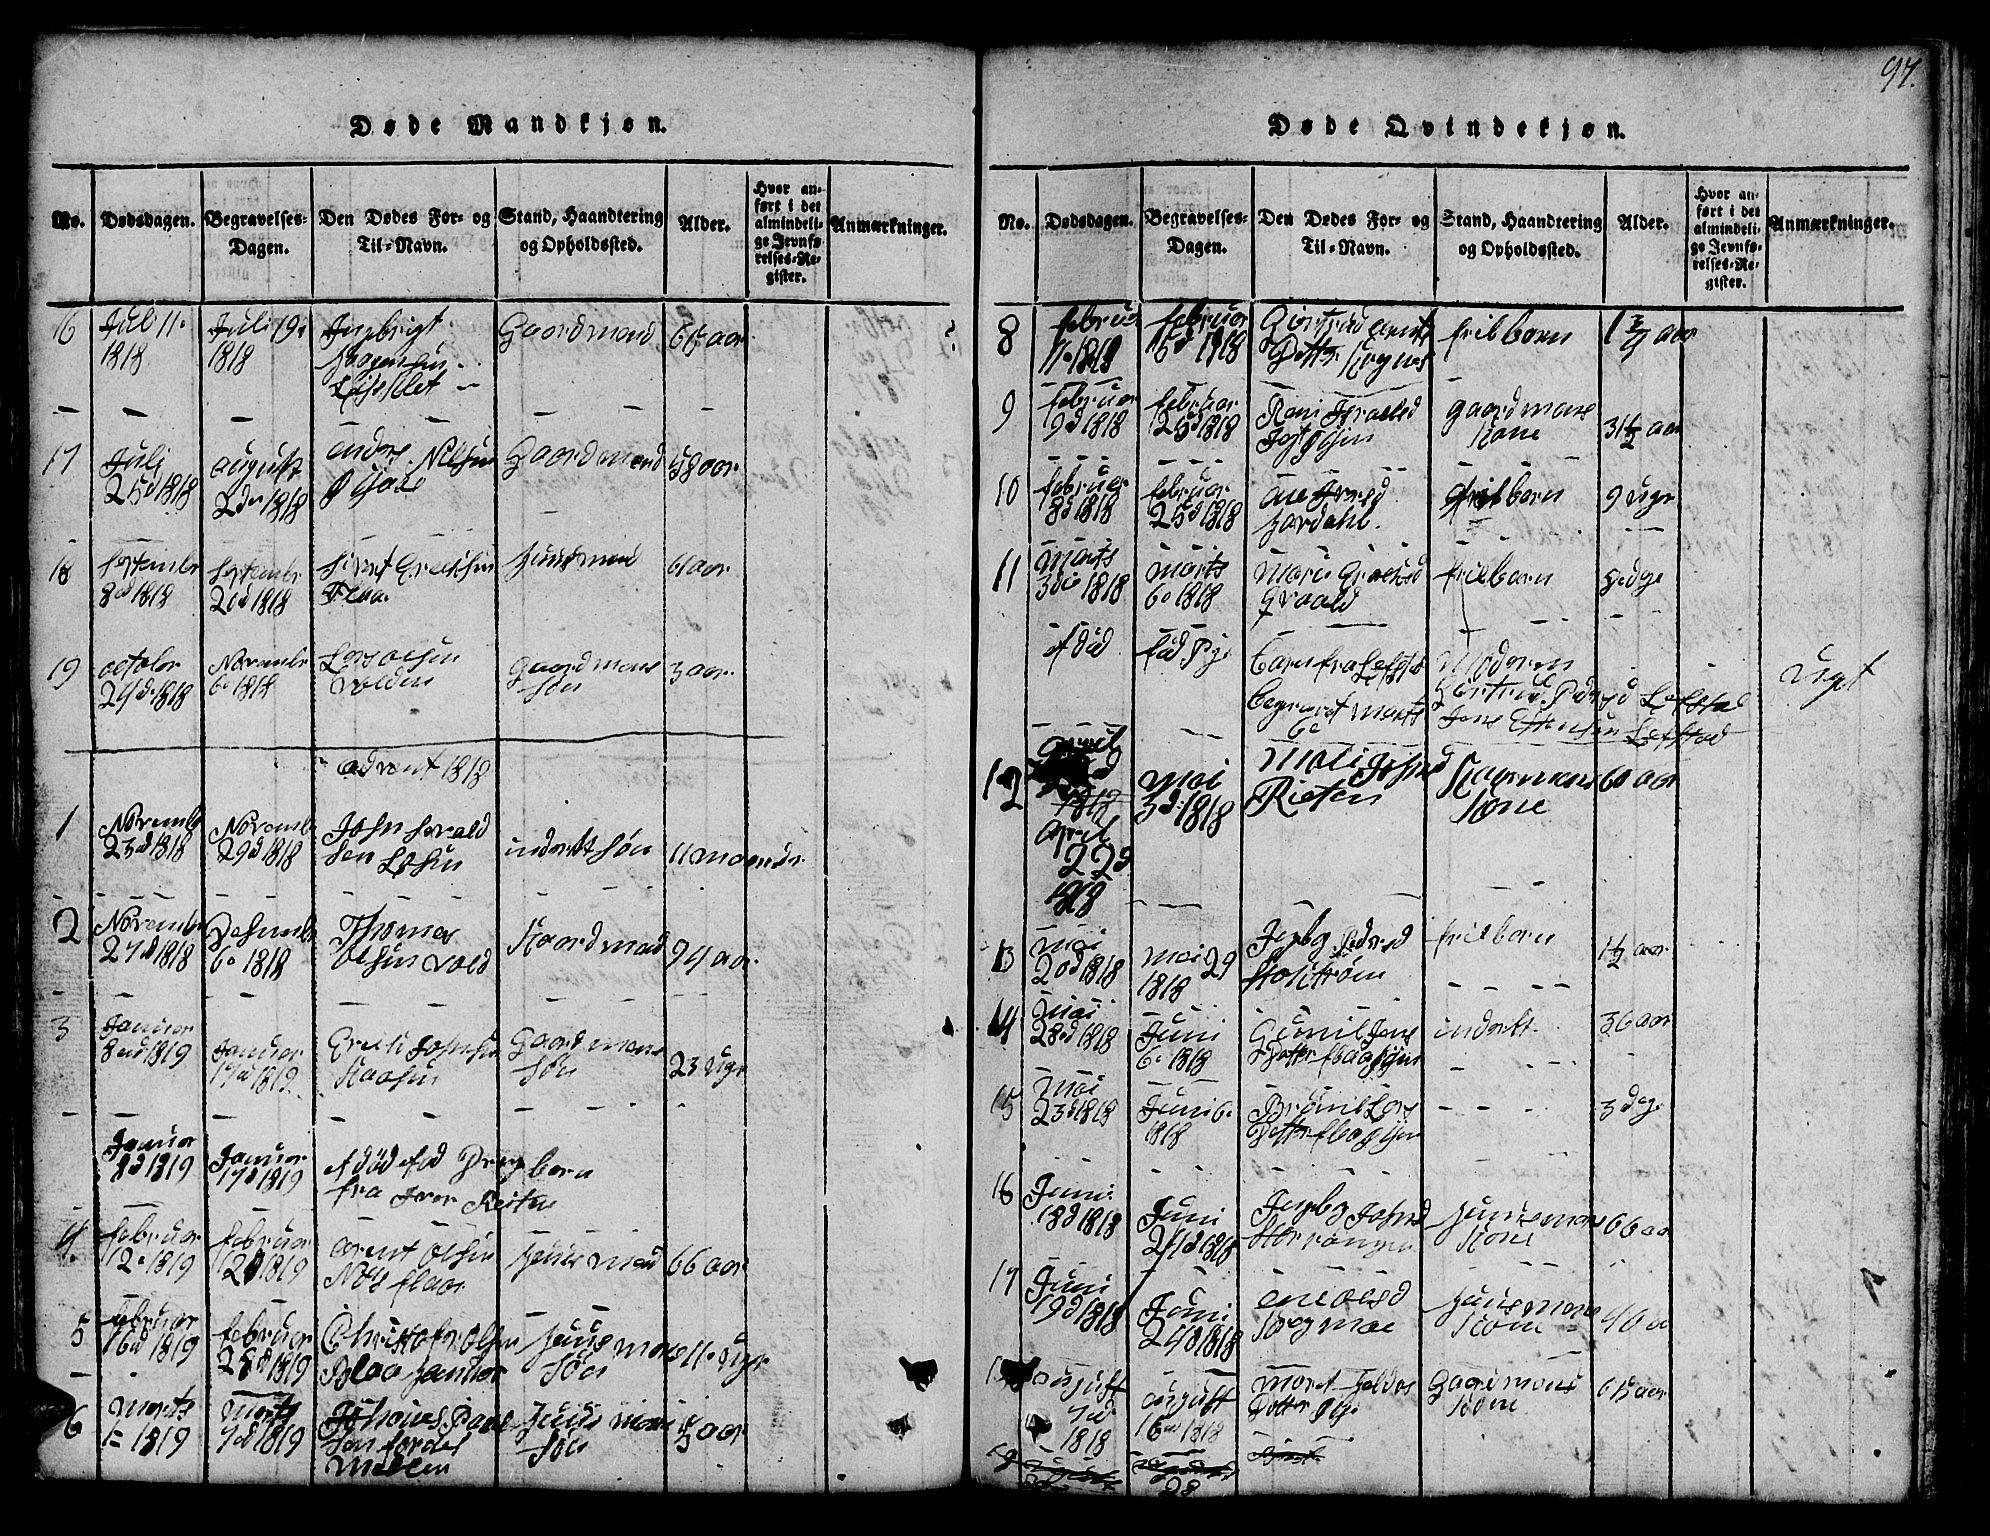 SAT, Ministerialprotokoller, klokkerbøker og fødselsregistre - Sør-Trøndelag, 691/L1092: Klokkerbok nr. 691C03, 1816-1852, s. 97